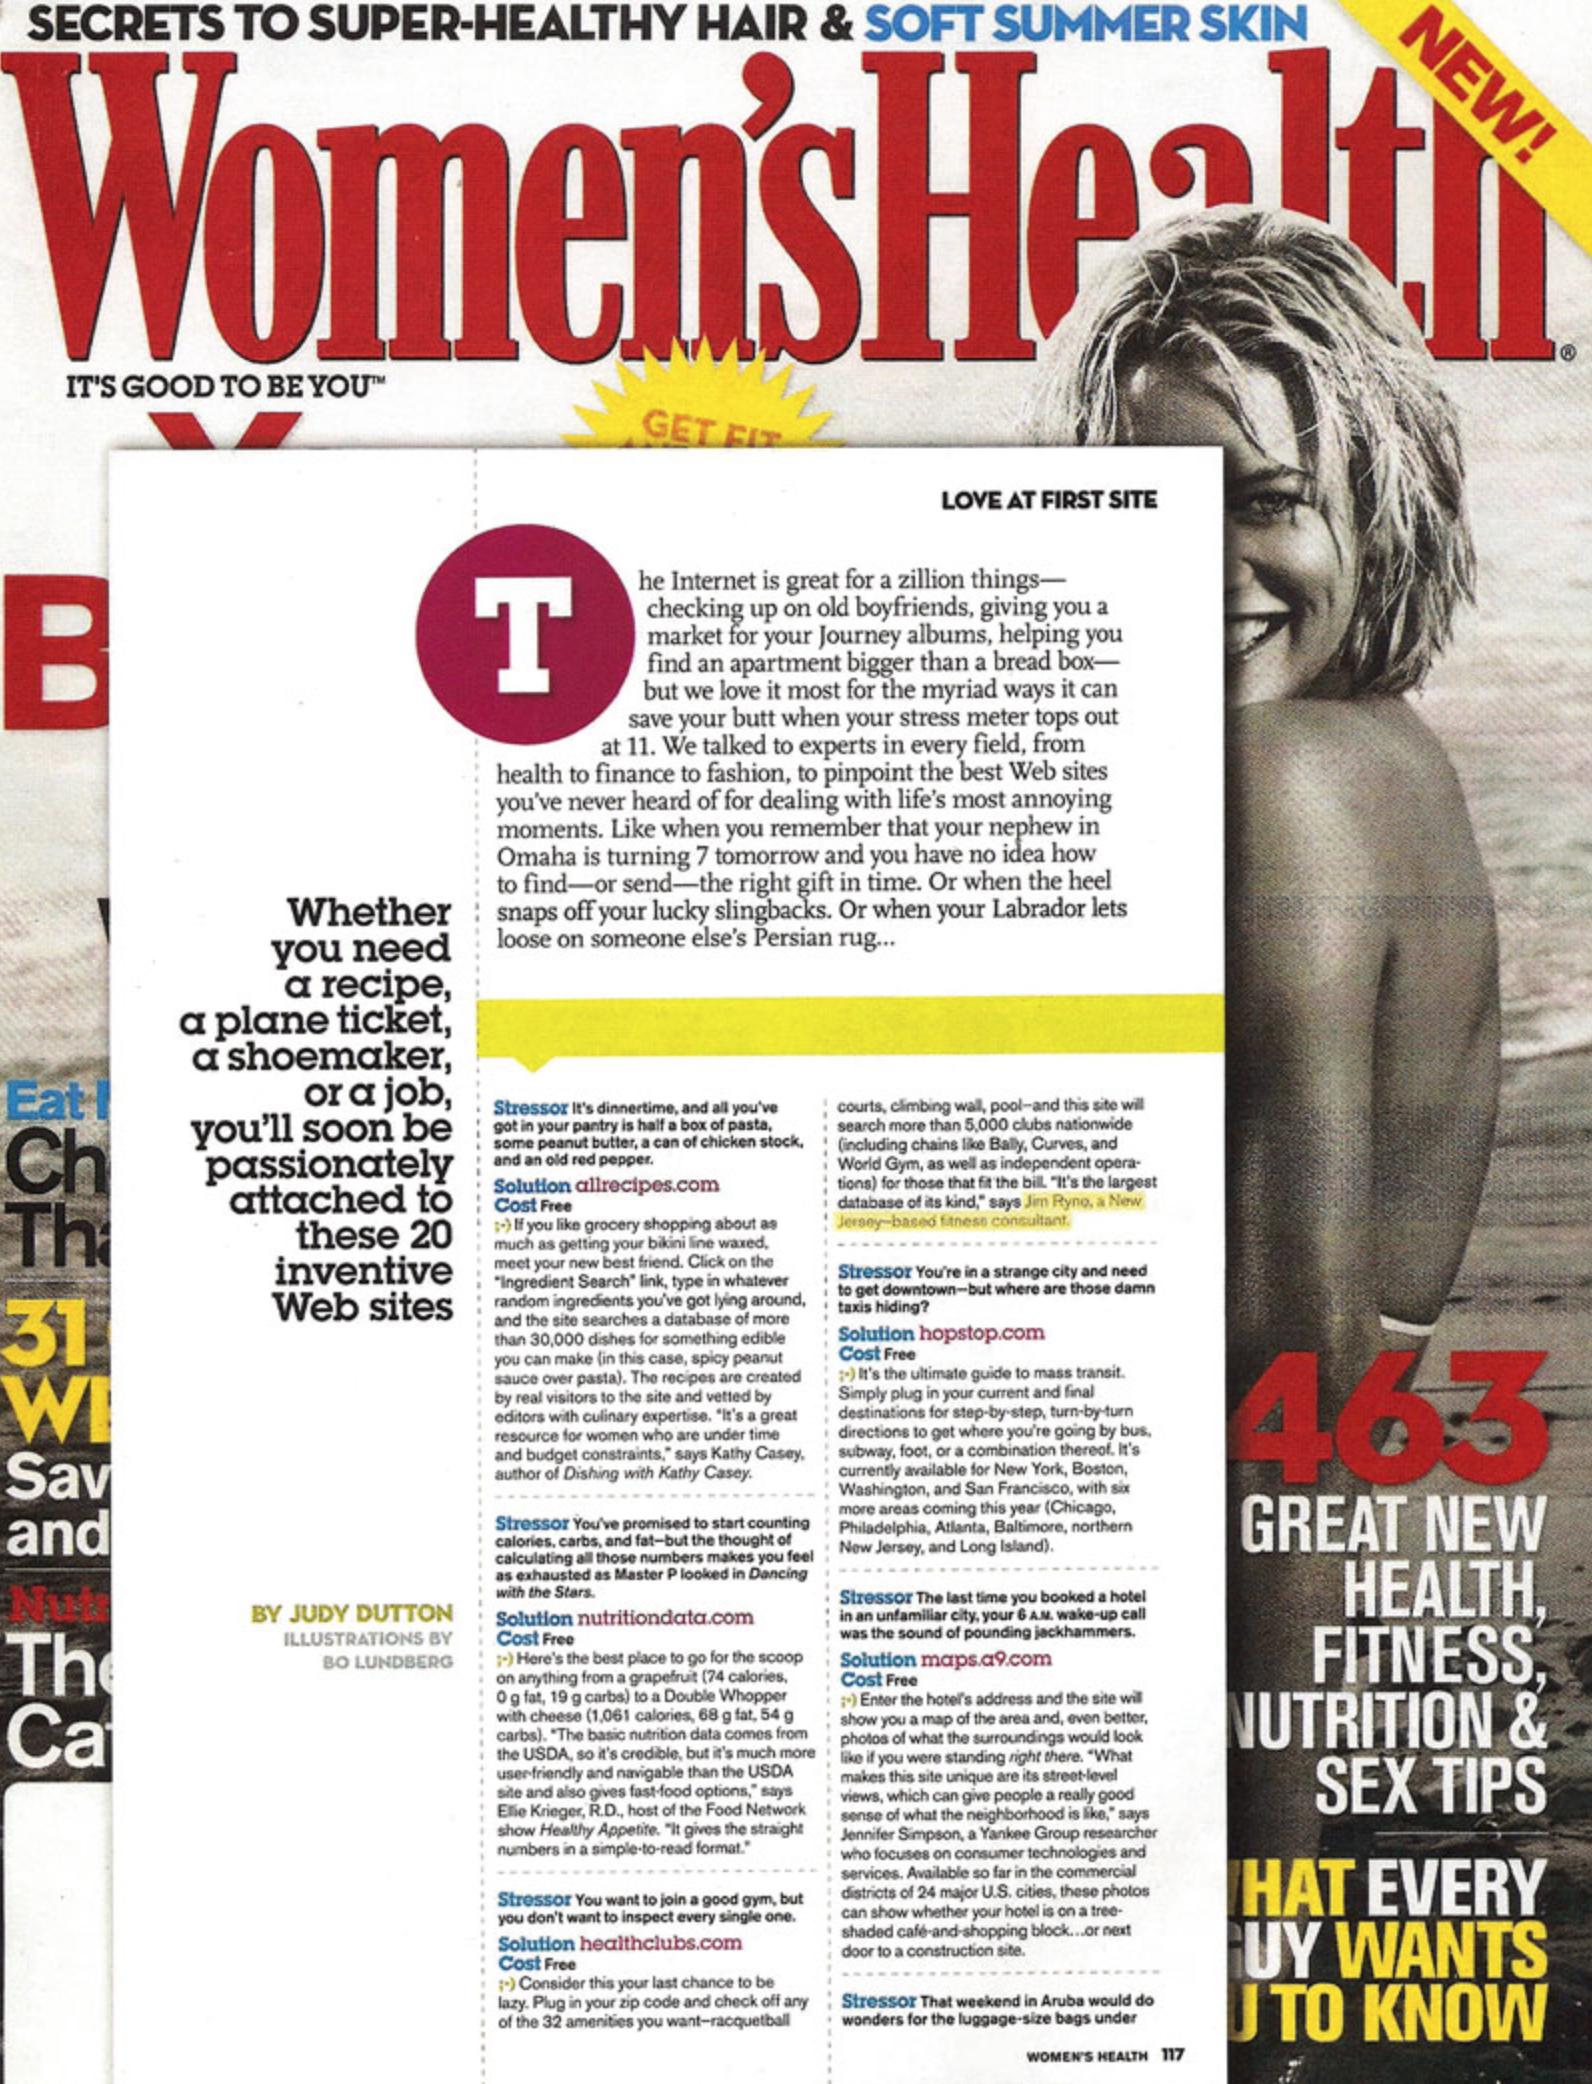 Jim Ryno Women's Health Magazine.jpg